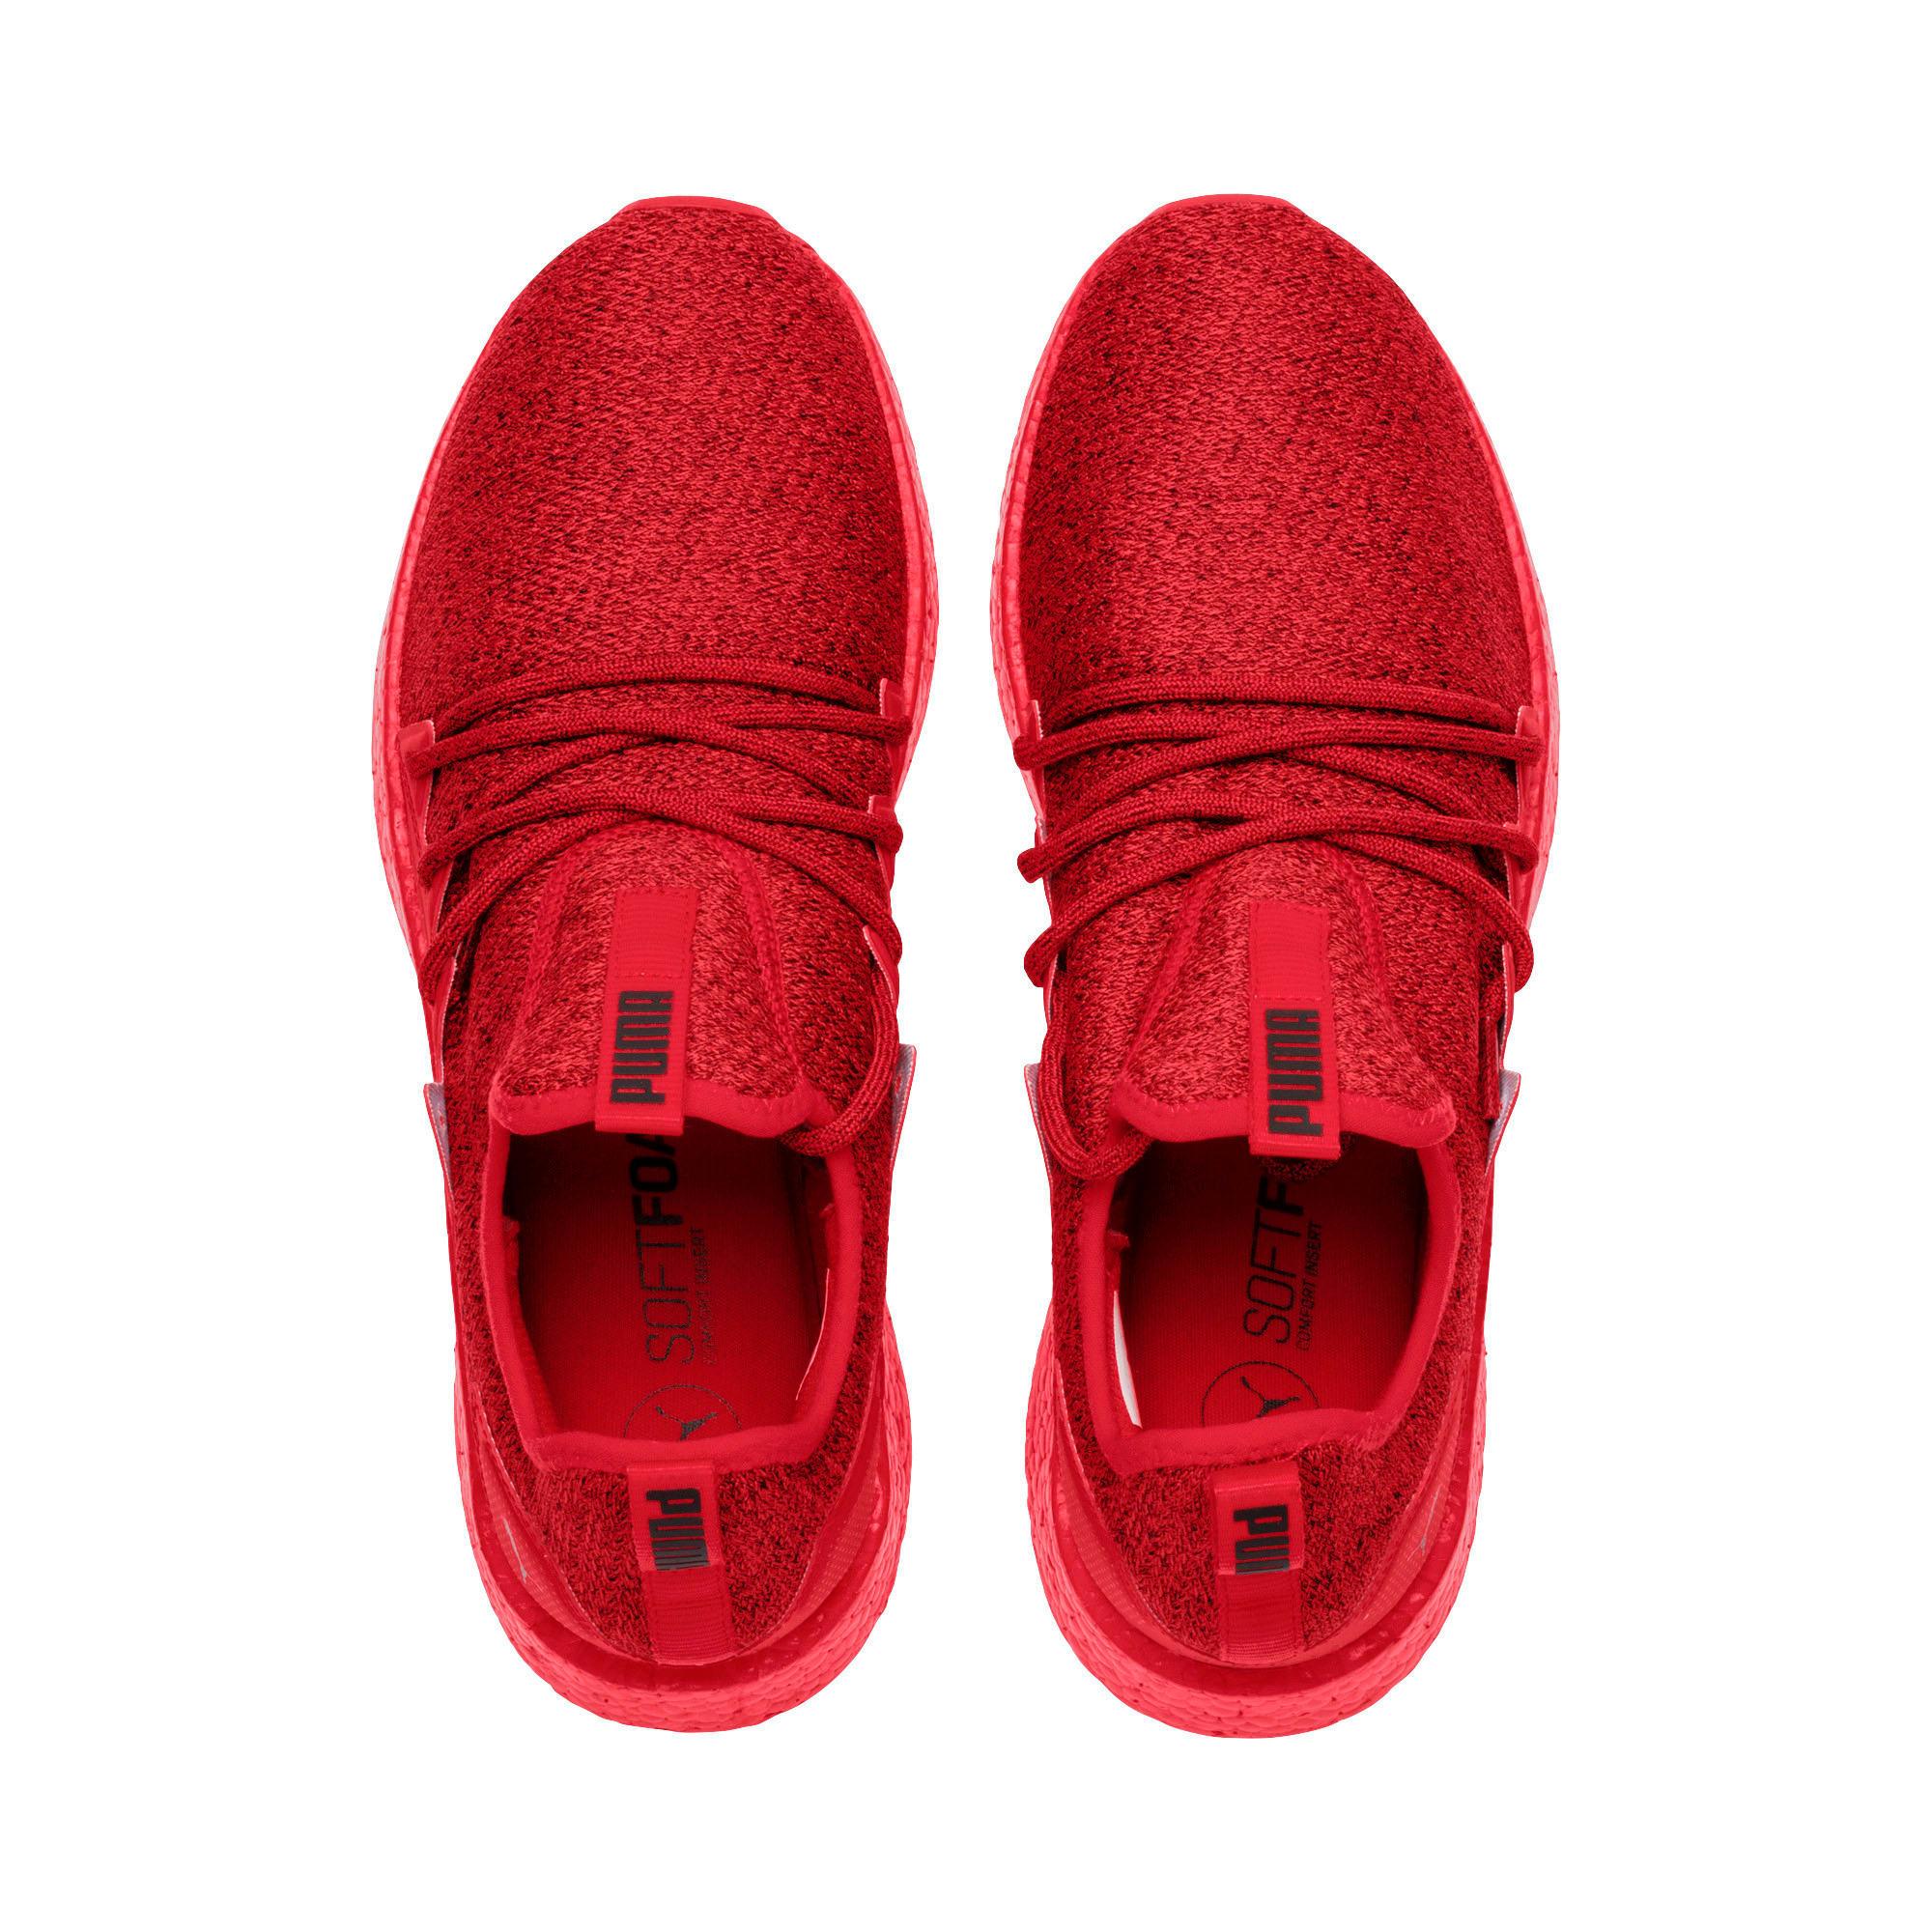 Miniatura 6 de Zapatos para correr NRGY Neko Knit para hombre, High Risk Red-Puma Black, mediano